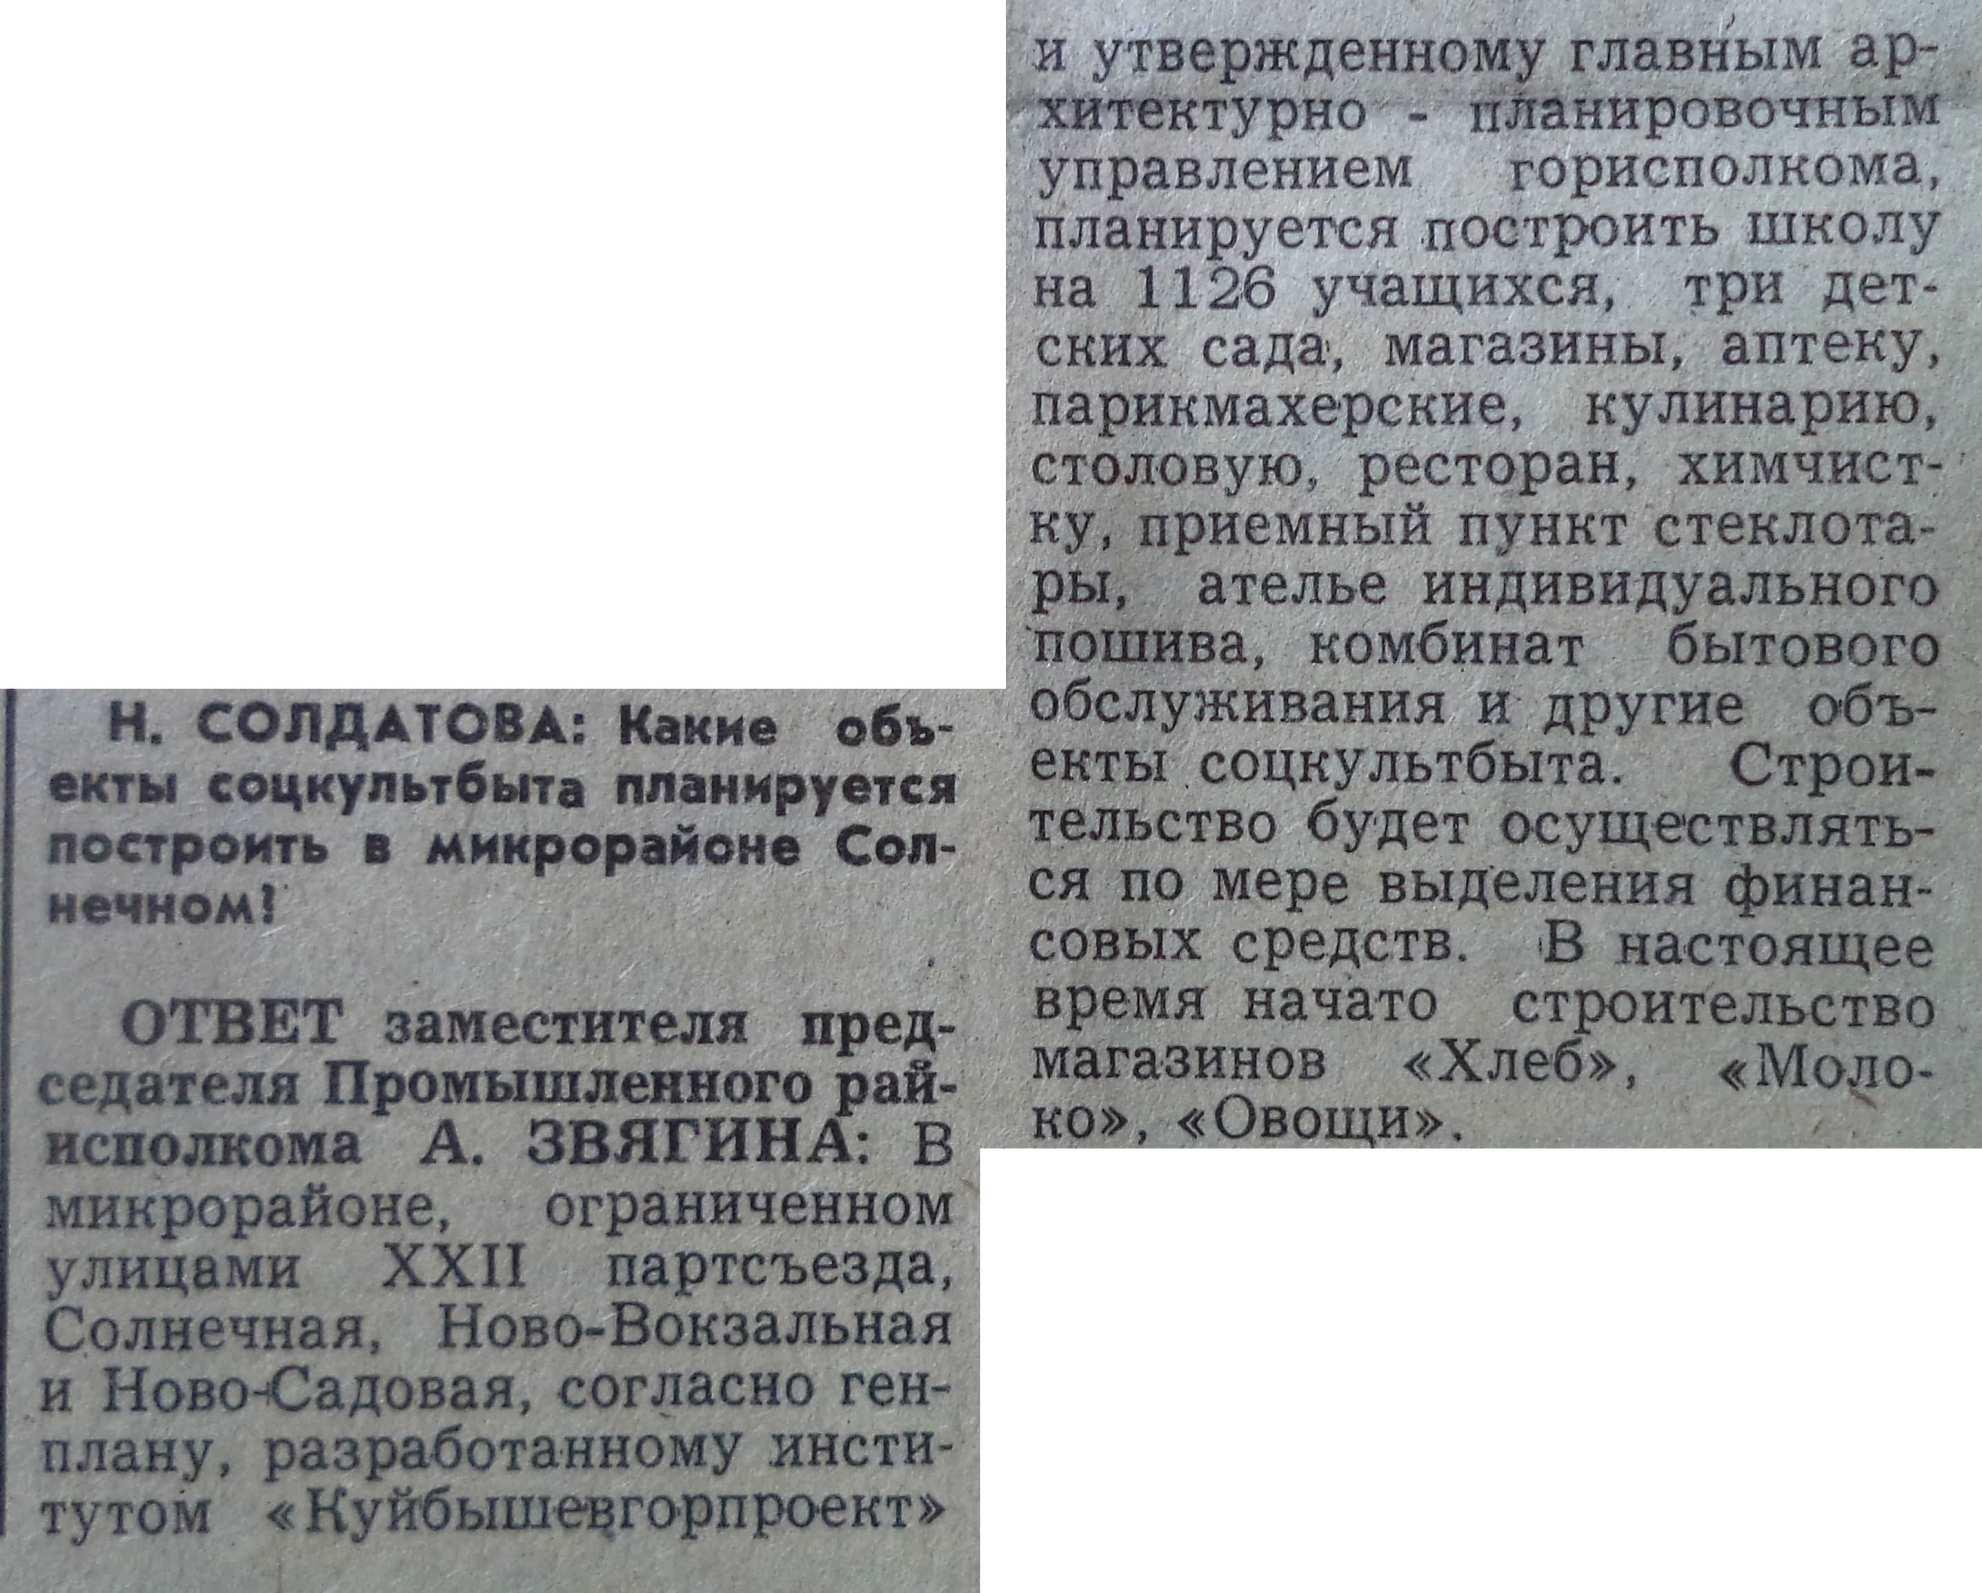 Солнечная-ФОТО-13-ВЗя-1987-10-30-объекты соцкультбыта в мкр. Солн.-min